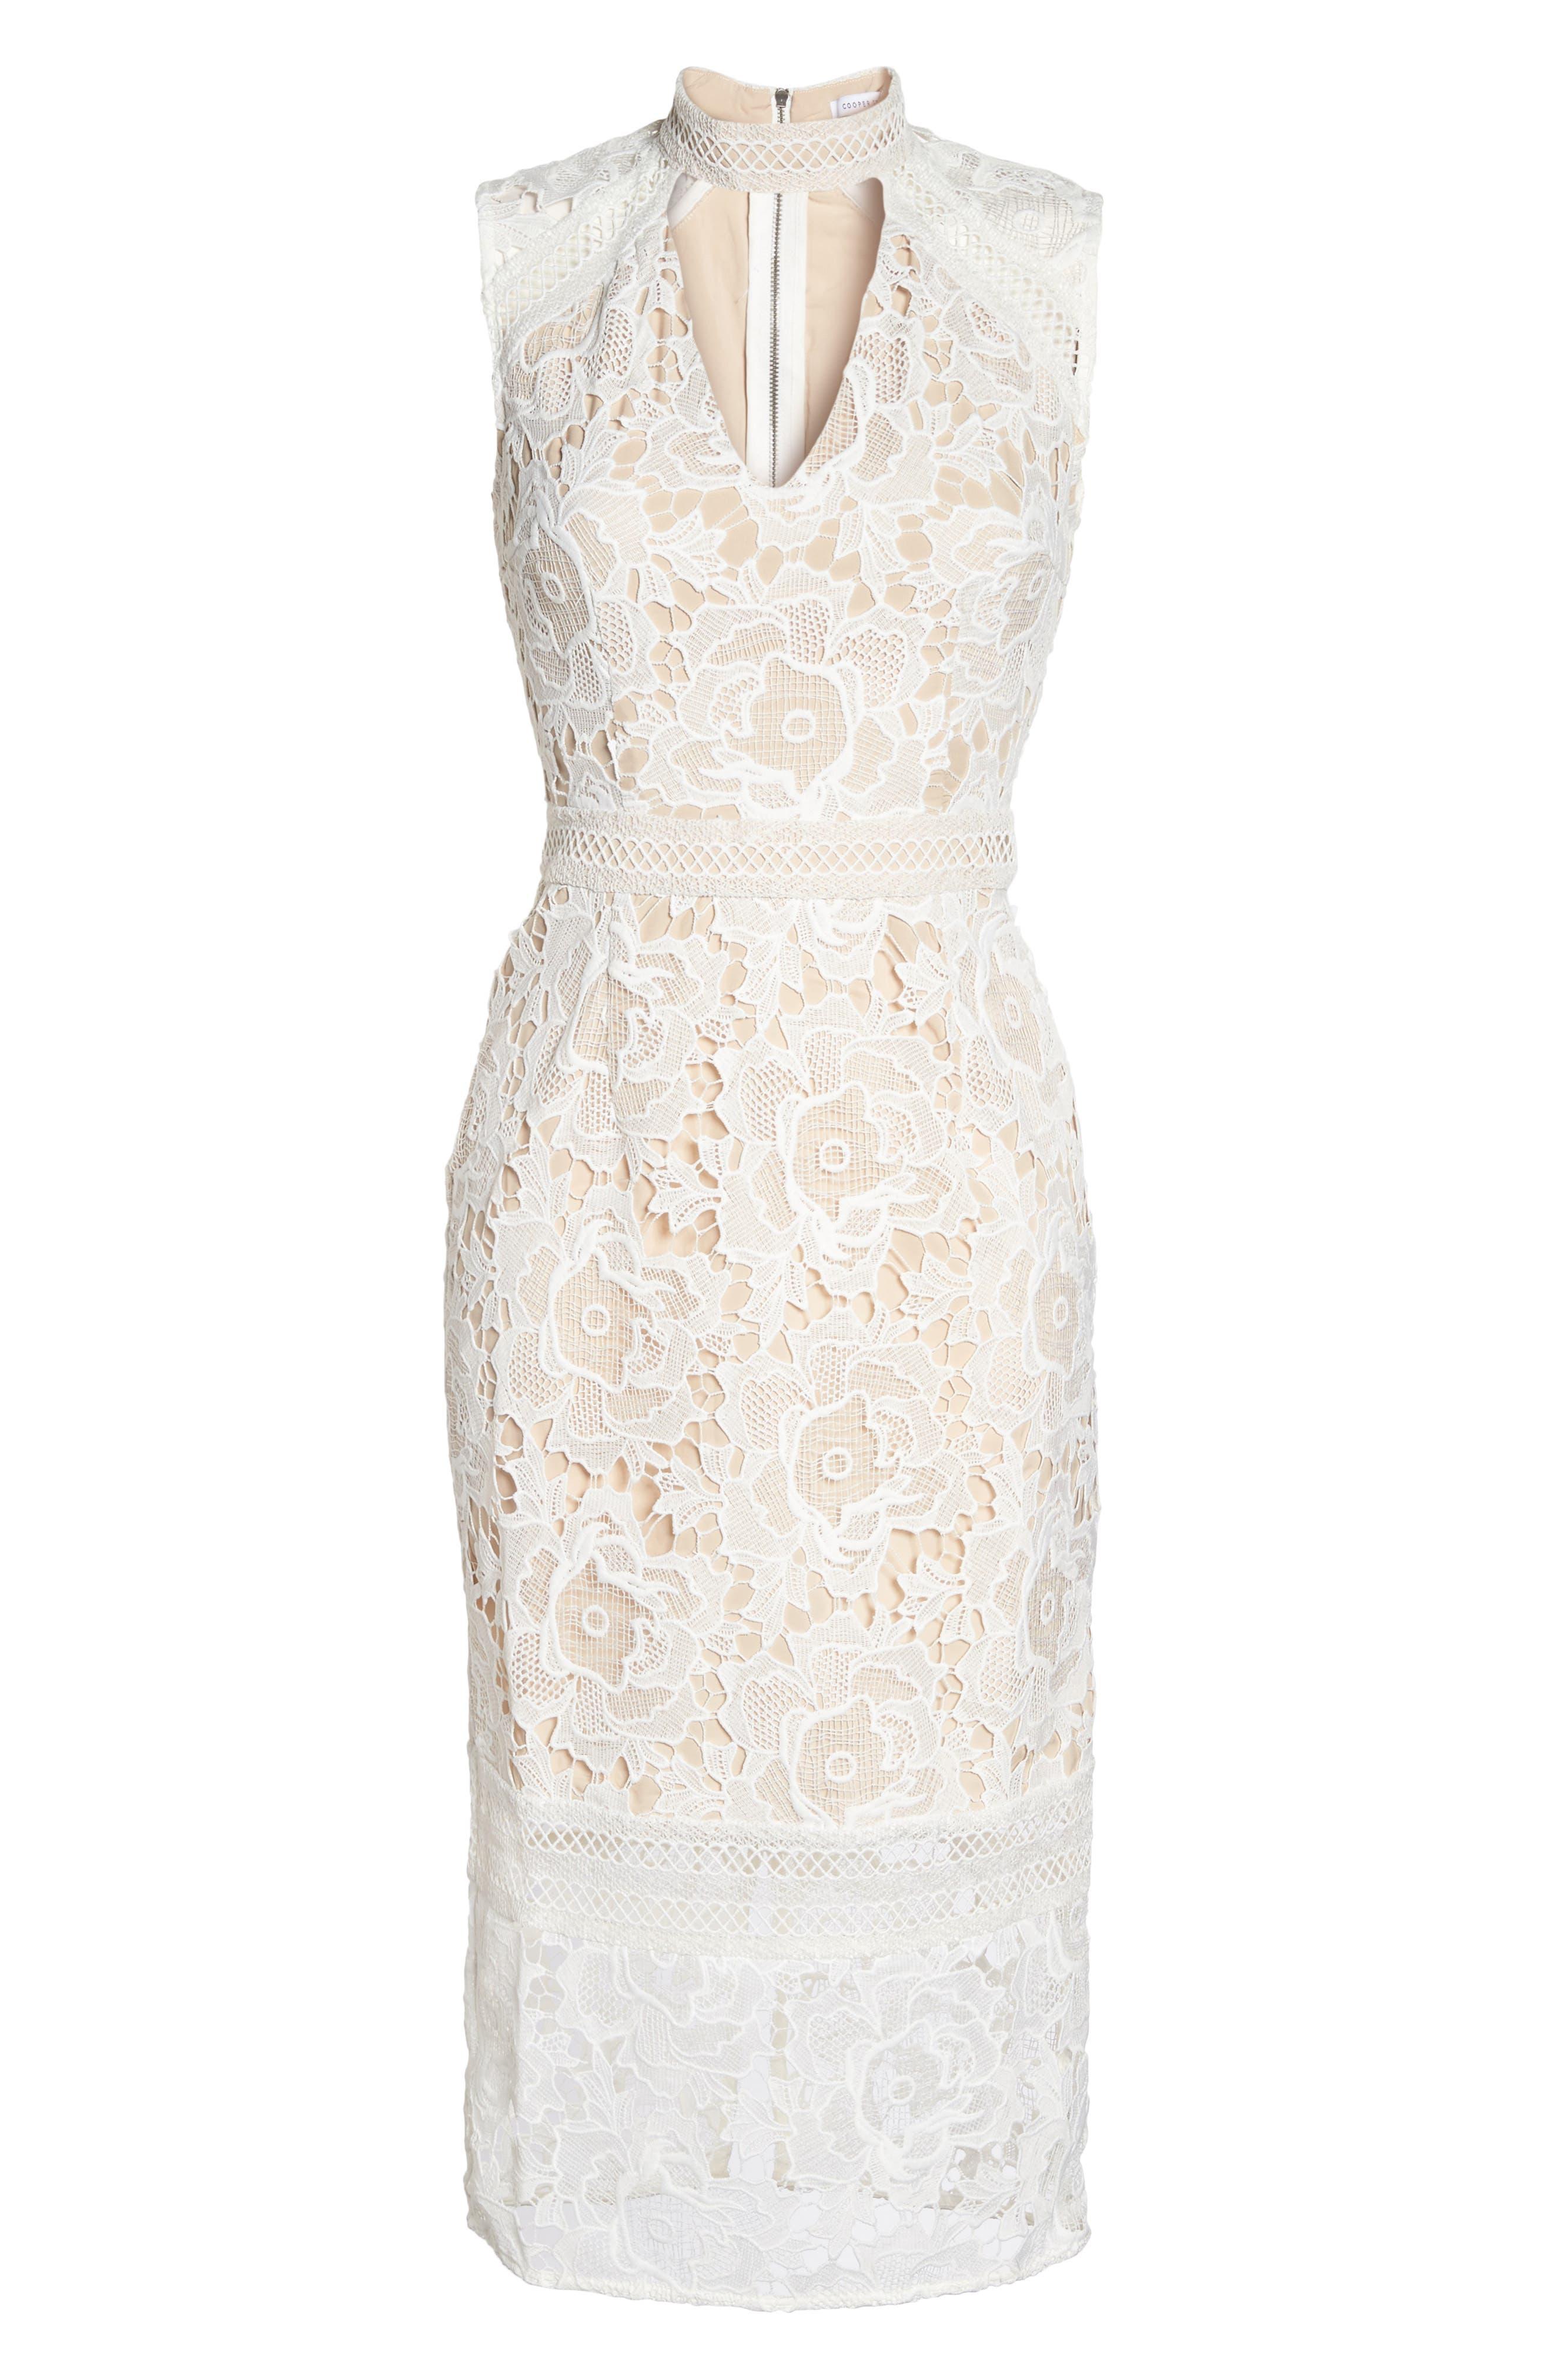 Alessandra Lace Choker Midi Dress,                             Alternate thumbnail 6, color,                             100